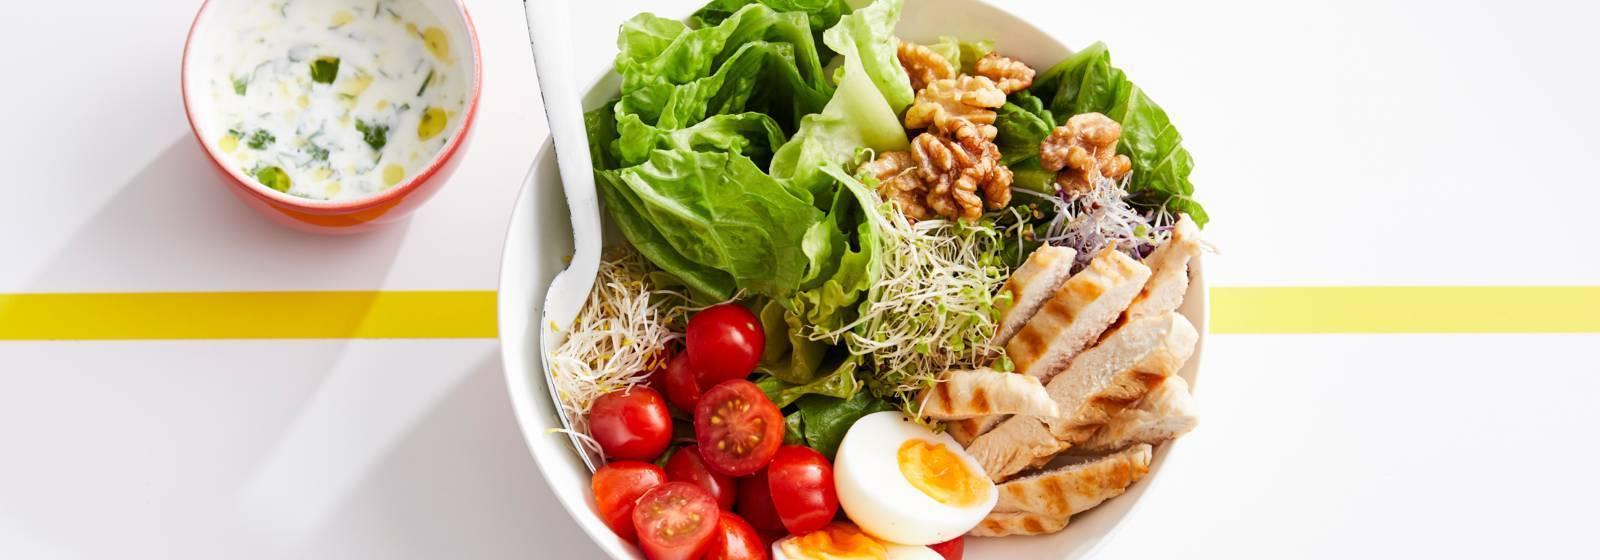 ızgara tavuk ve yoğurt sosu ile spor salatası